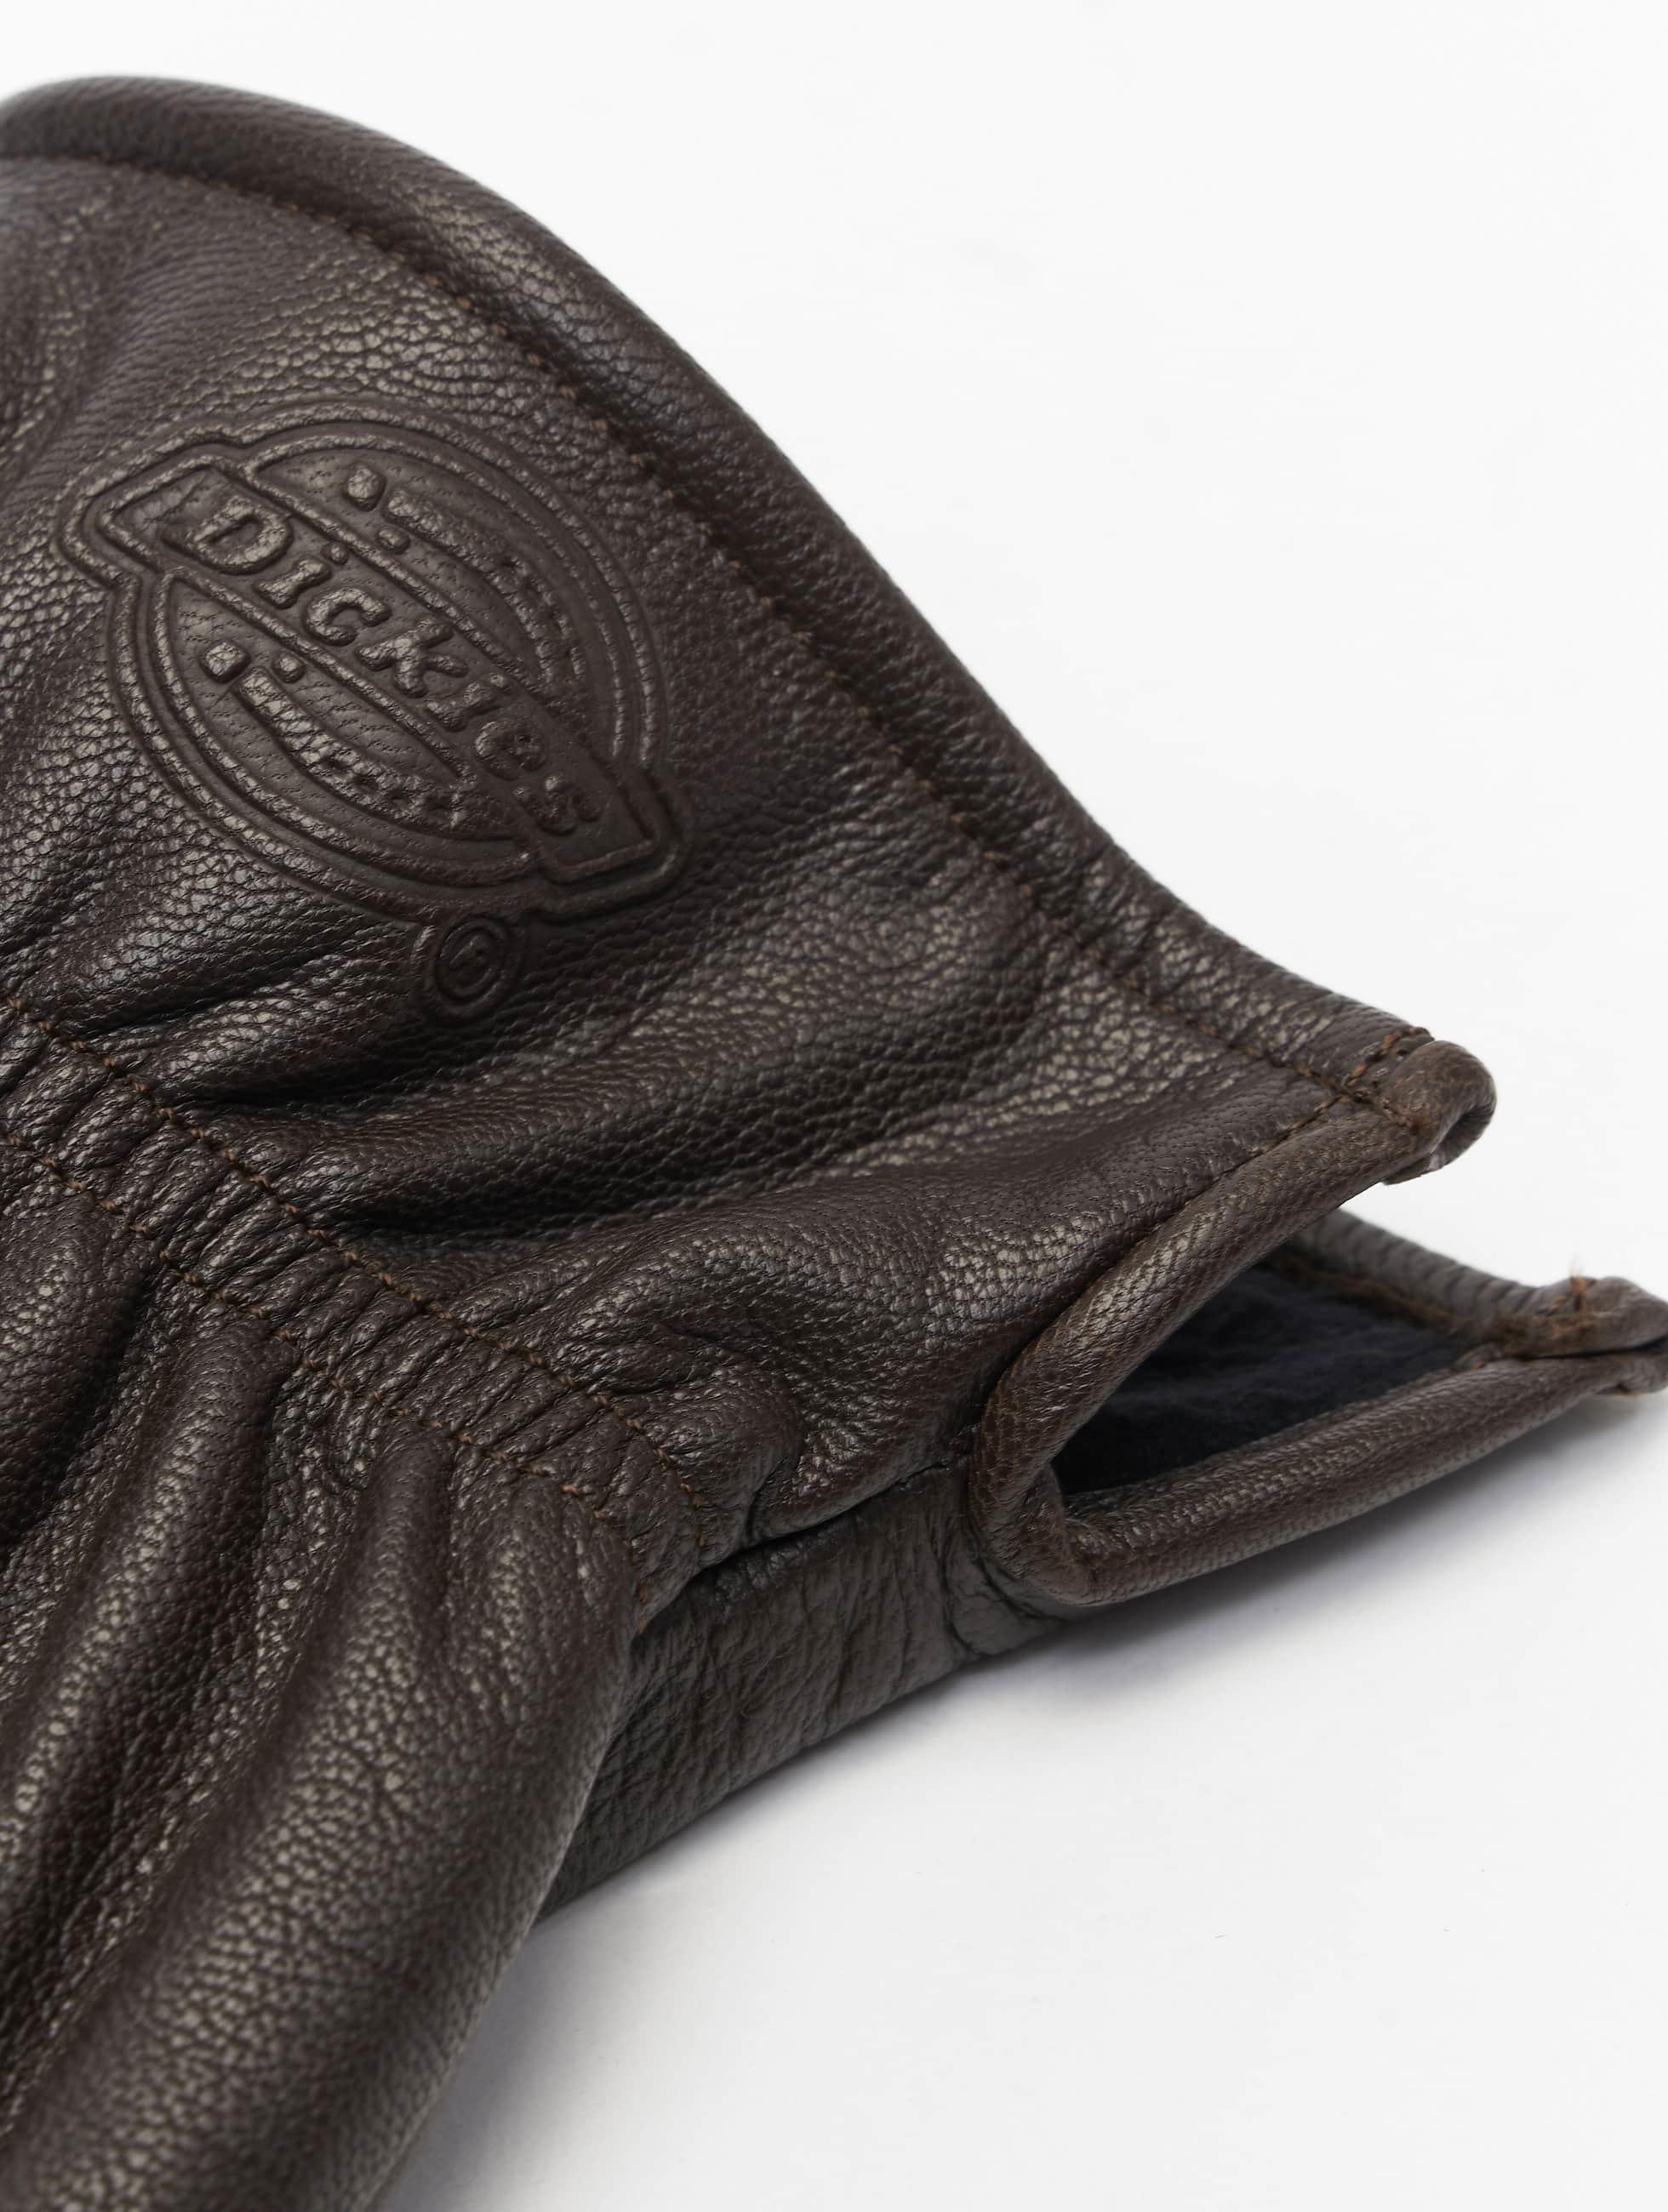 Dickies handschoenen Memphis bruin